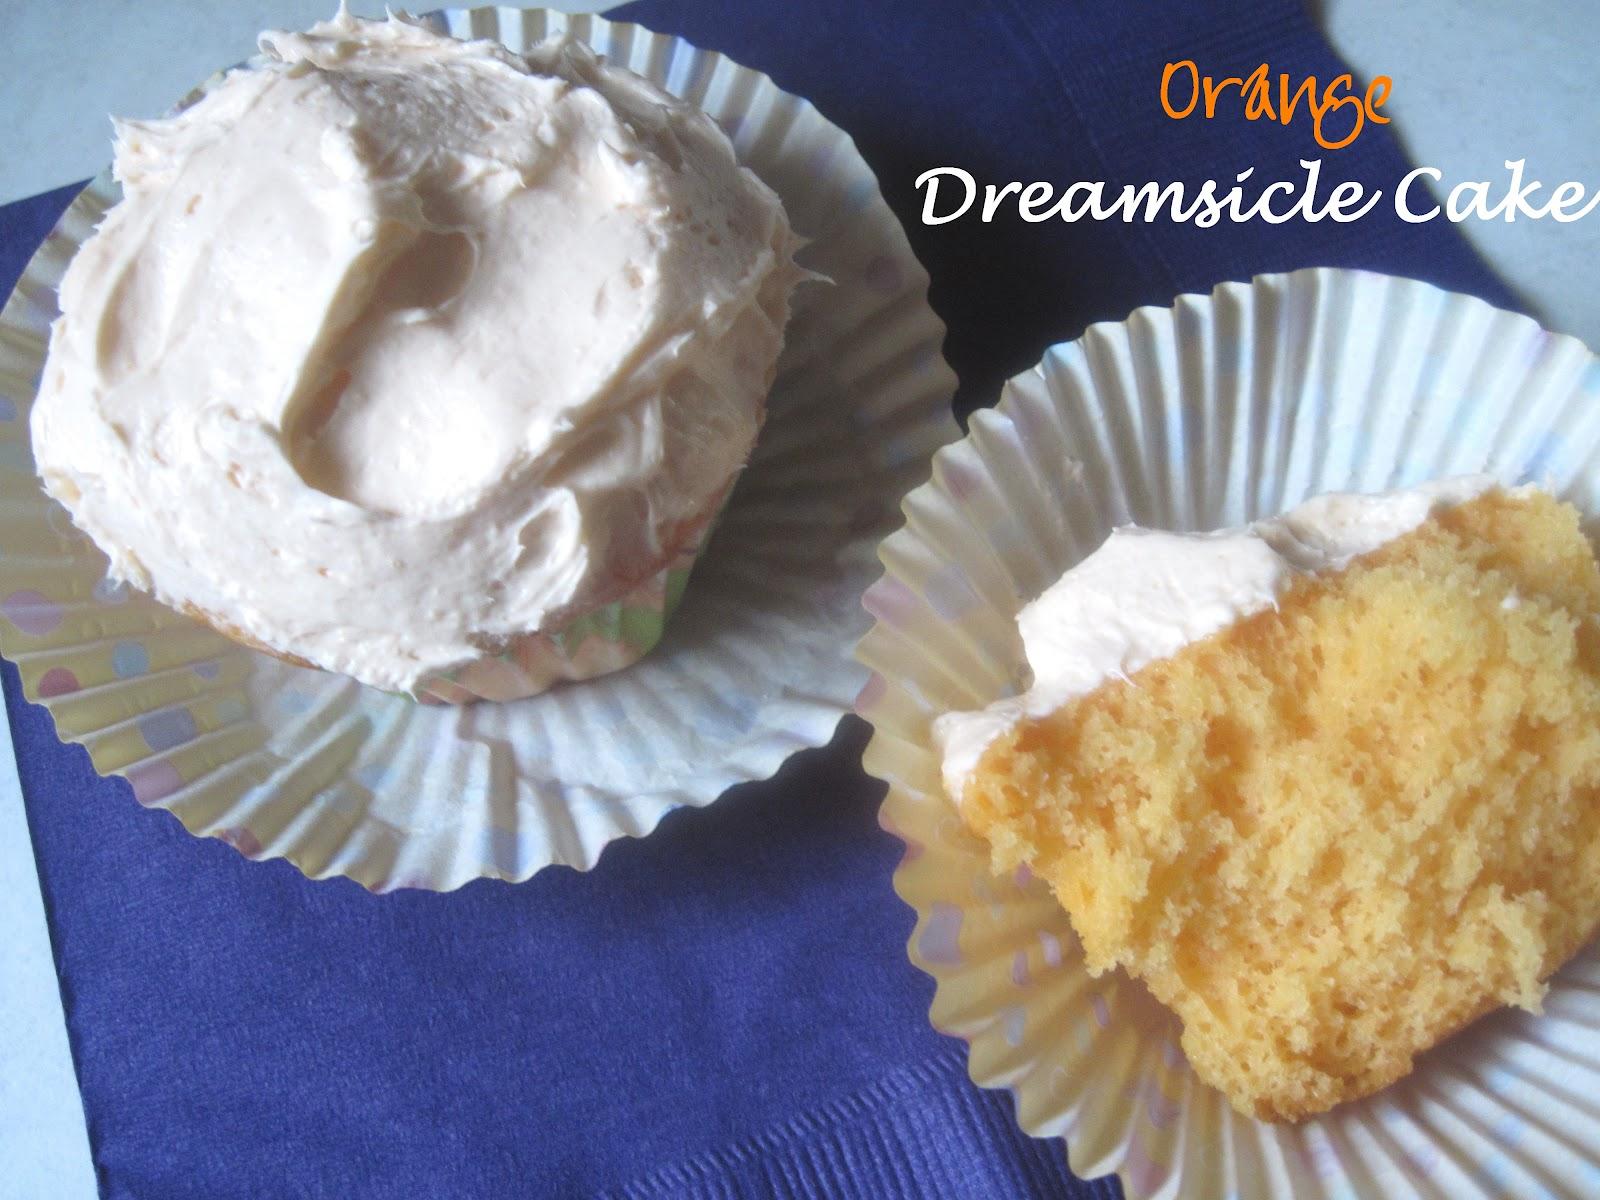 The Better Baker Orange Dreamsicle Cake